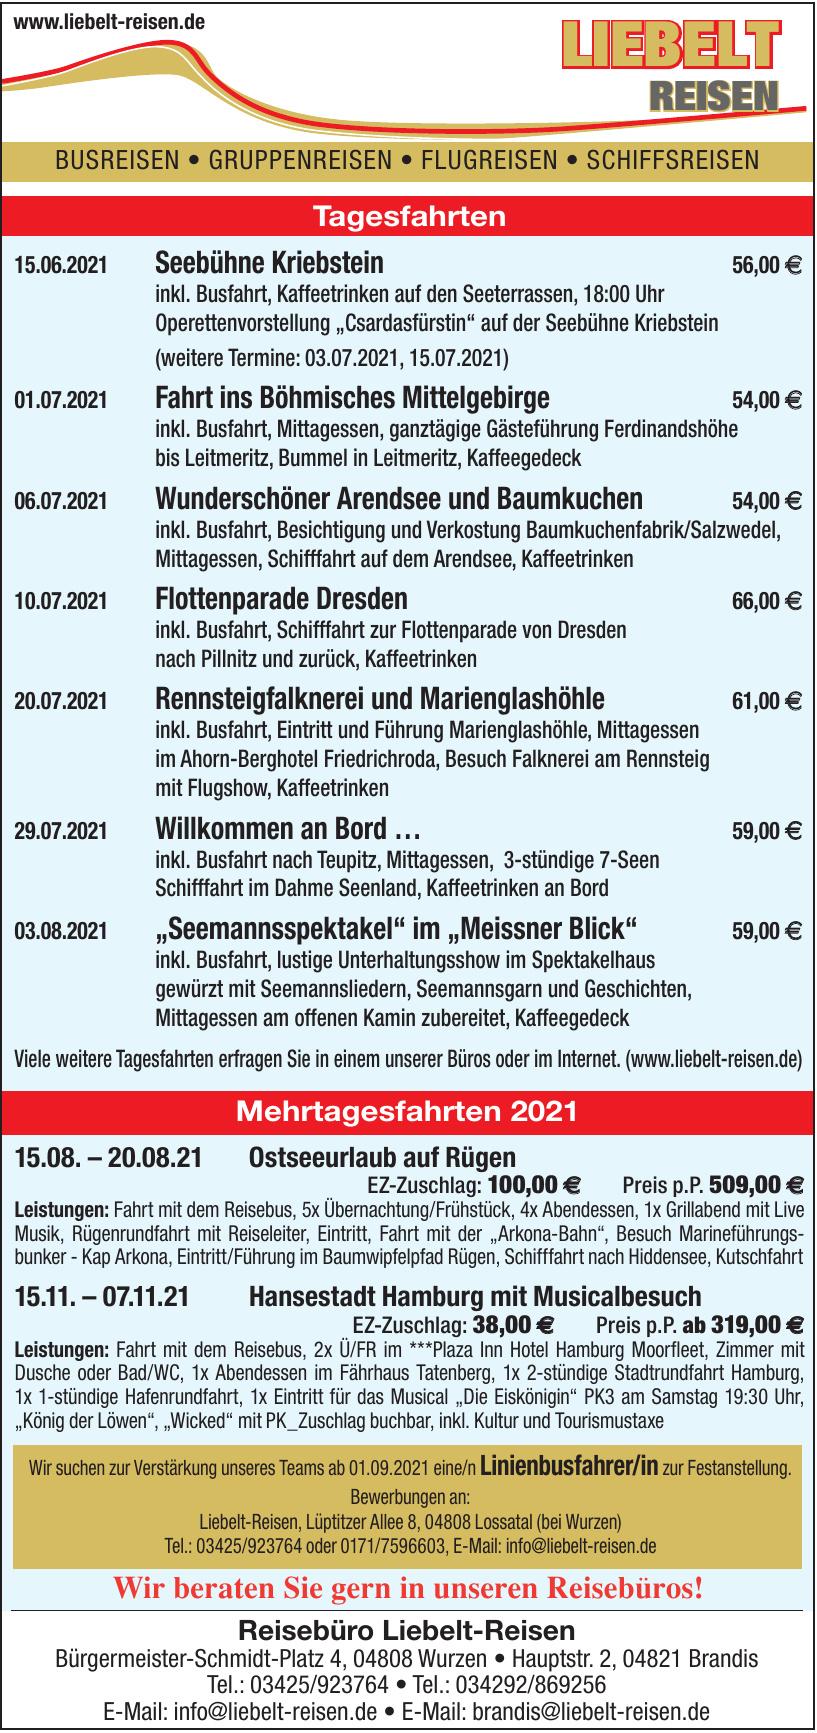 Reisebüro Liebelt-Reisen